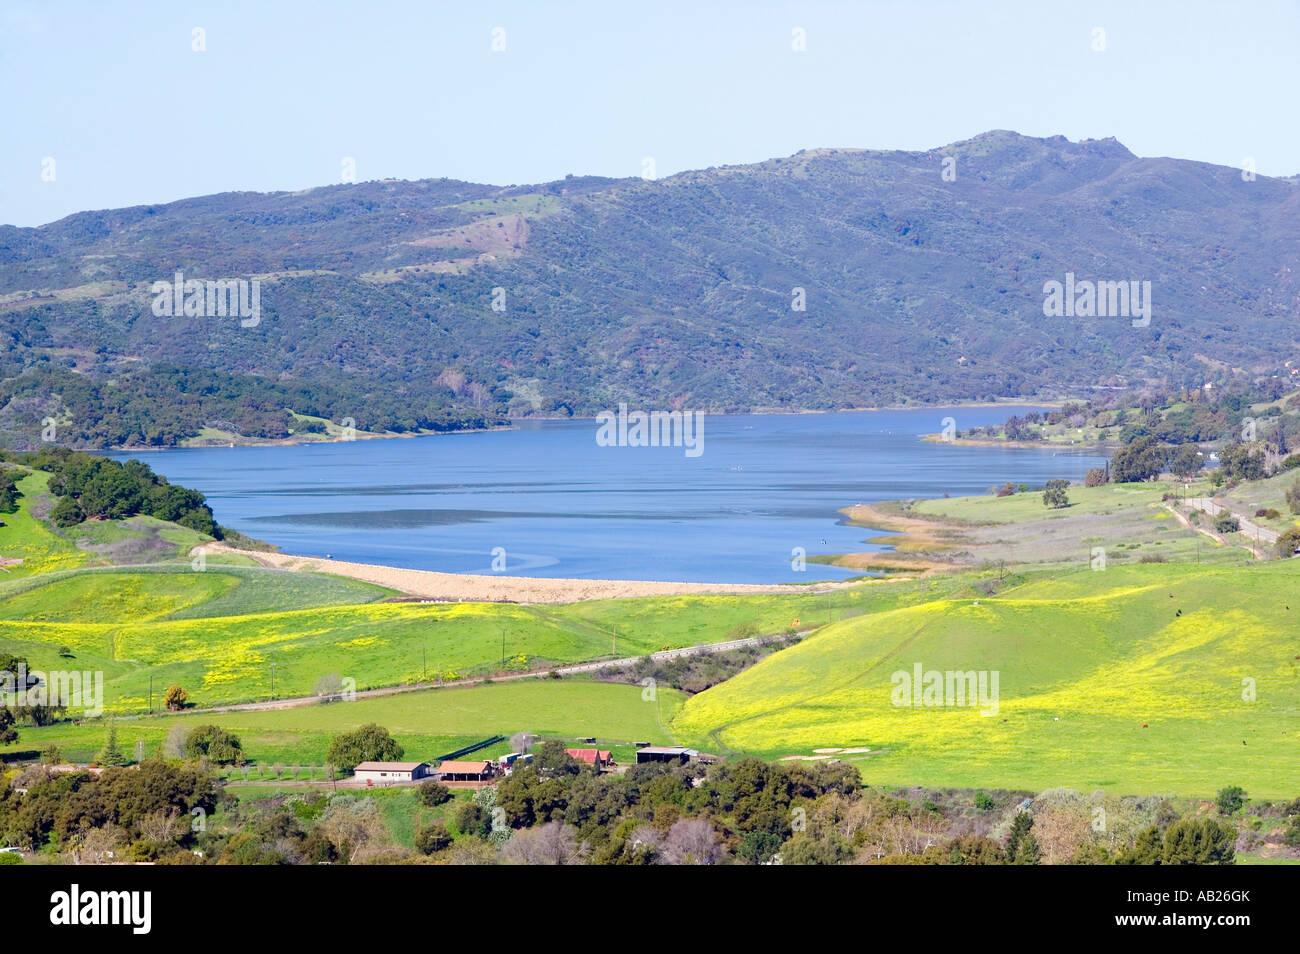 California Coastal Mountain Ranges Stock Photos & California